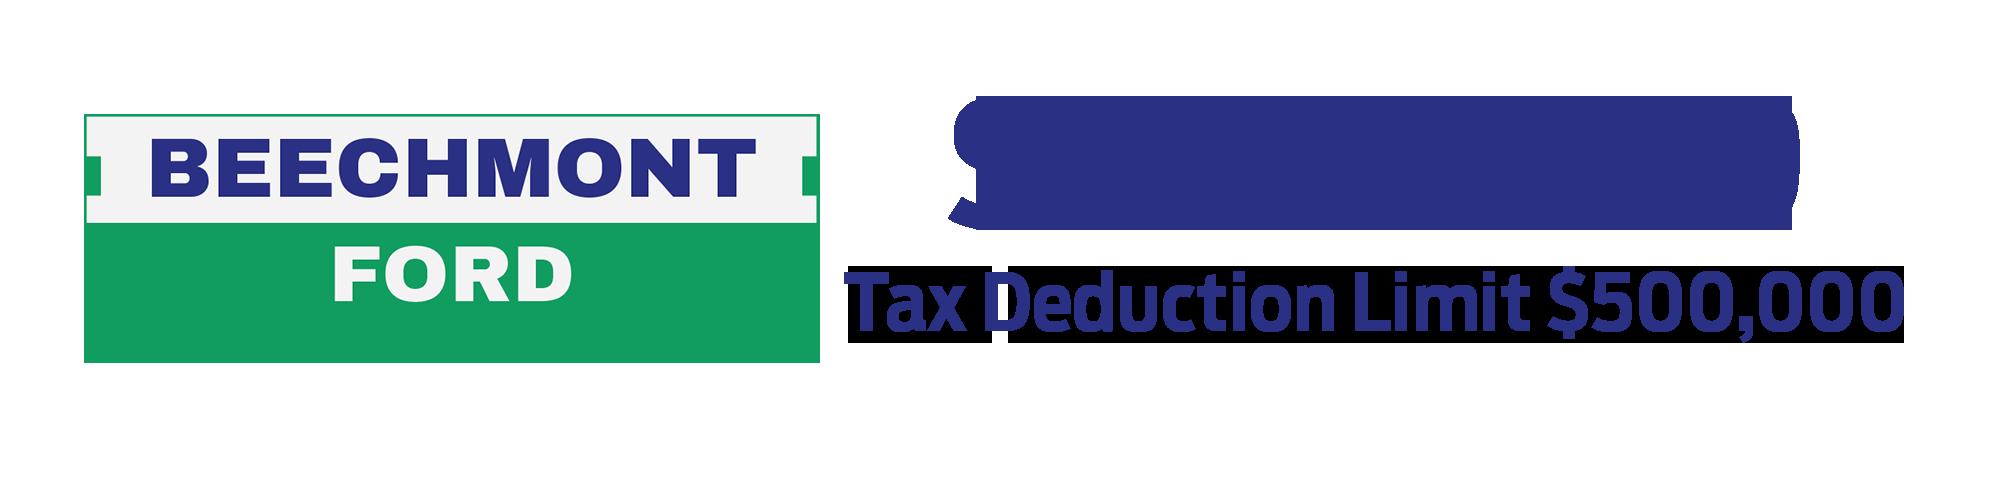 Section 179 tax break